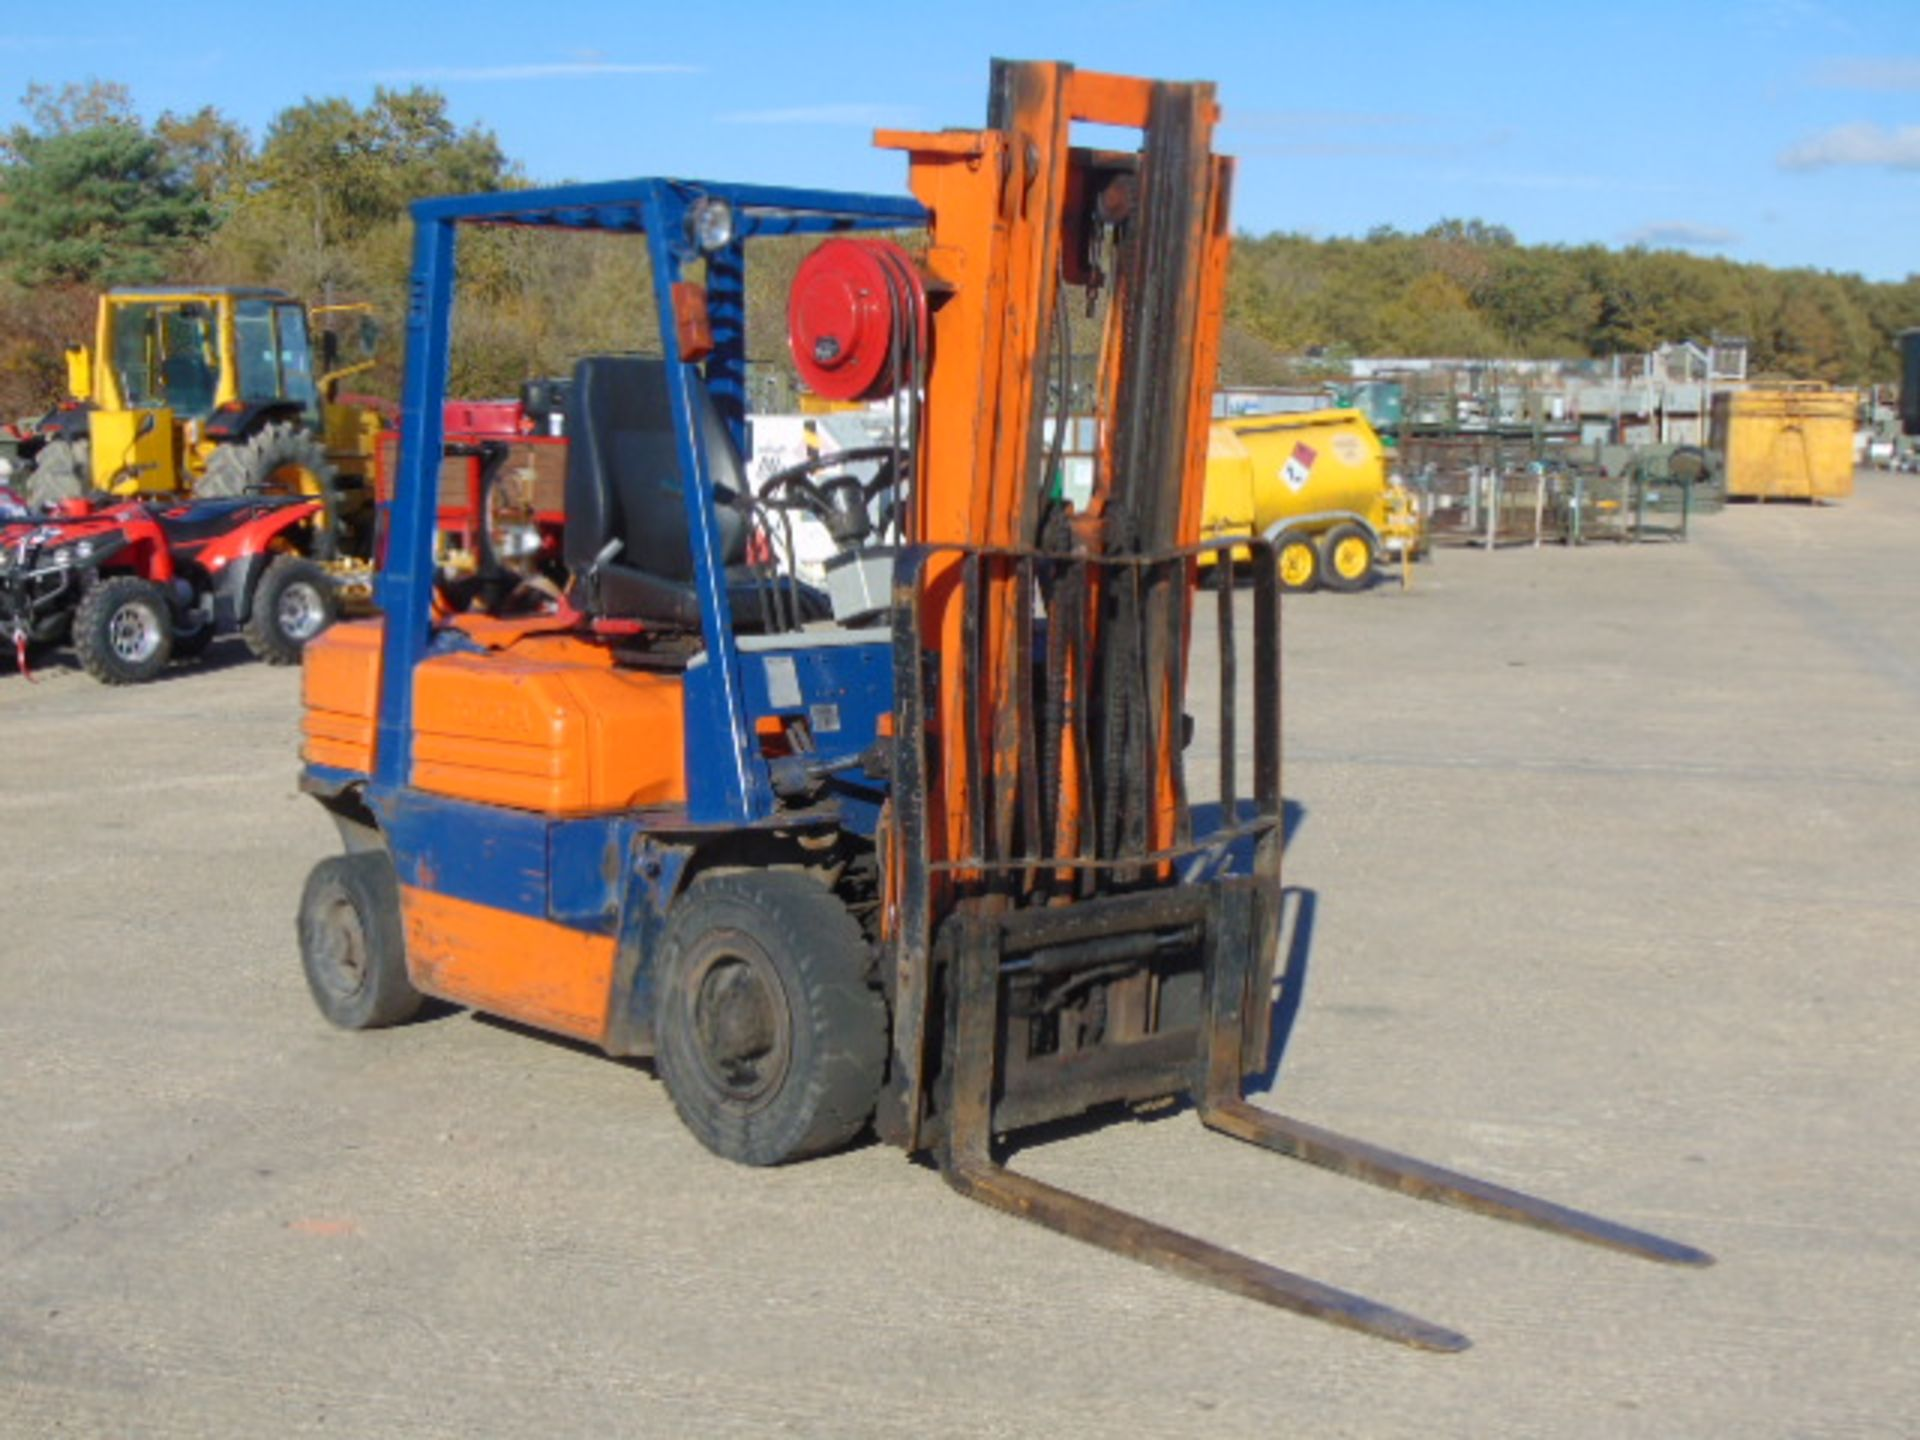 Lot 6 - Toyota 42 5FGF25 LPG Gas Triple Mast Forklift